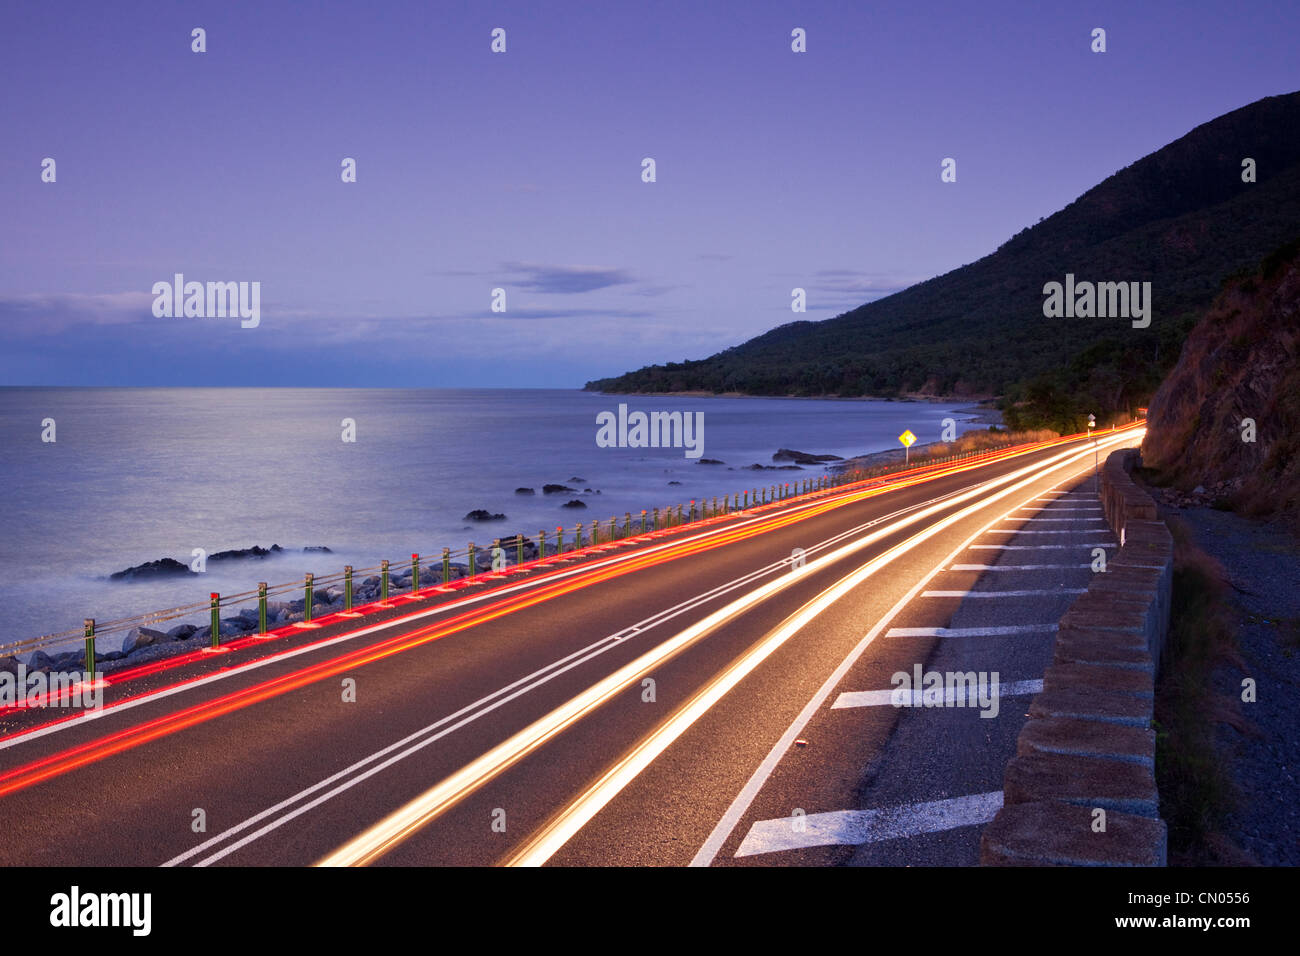 Location de light trails sur l'autoroute côtière. Le capitaine Cook entre Port Douglas et Cairns, Photo Stock